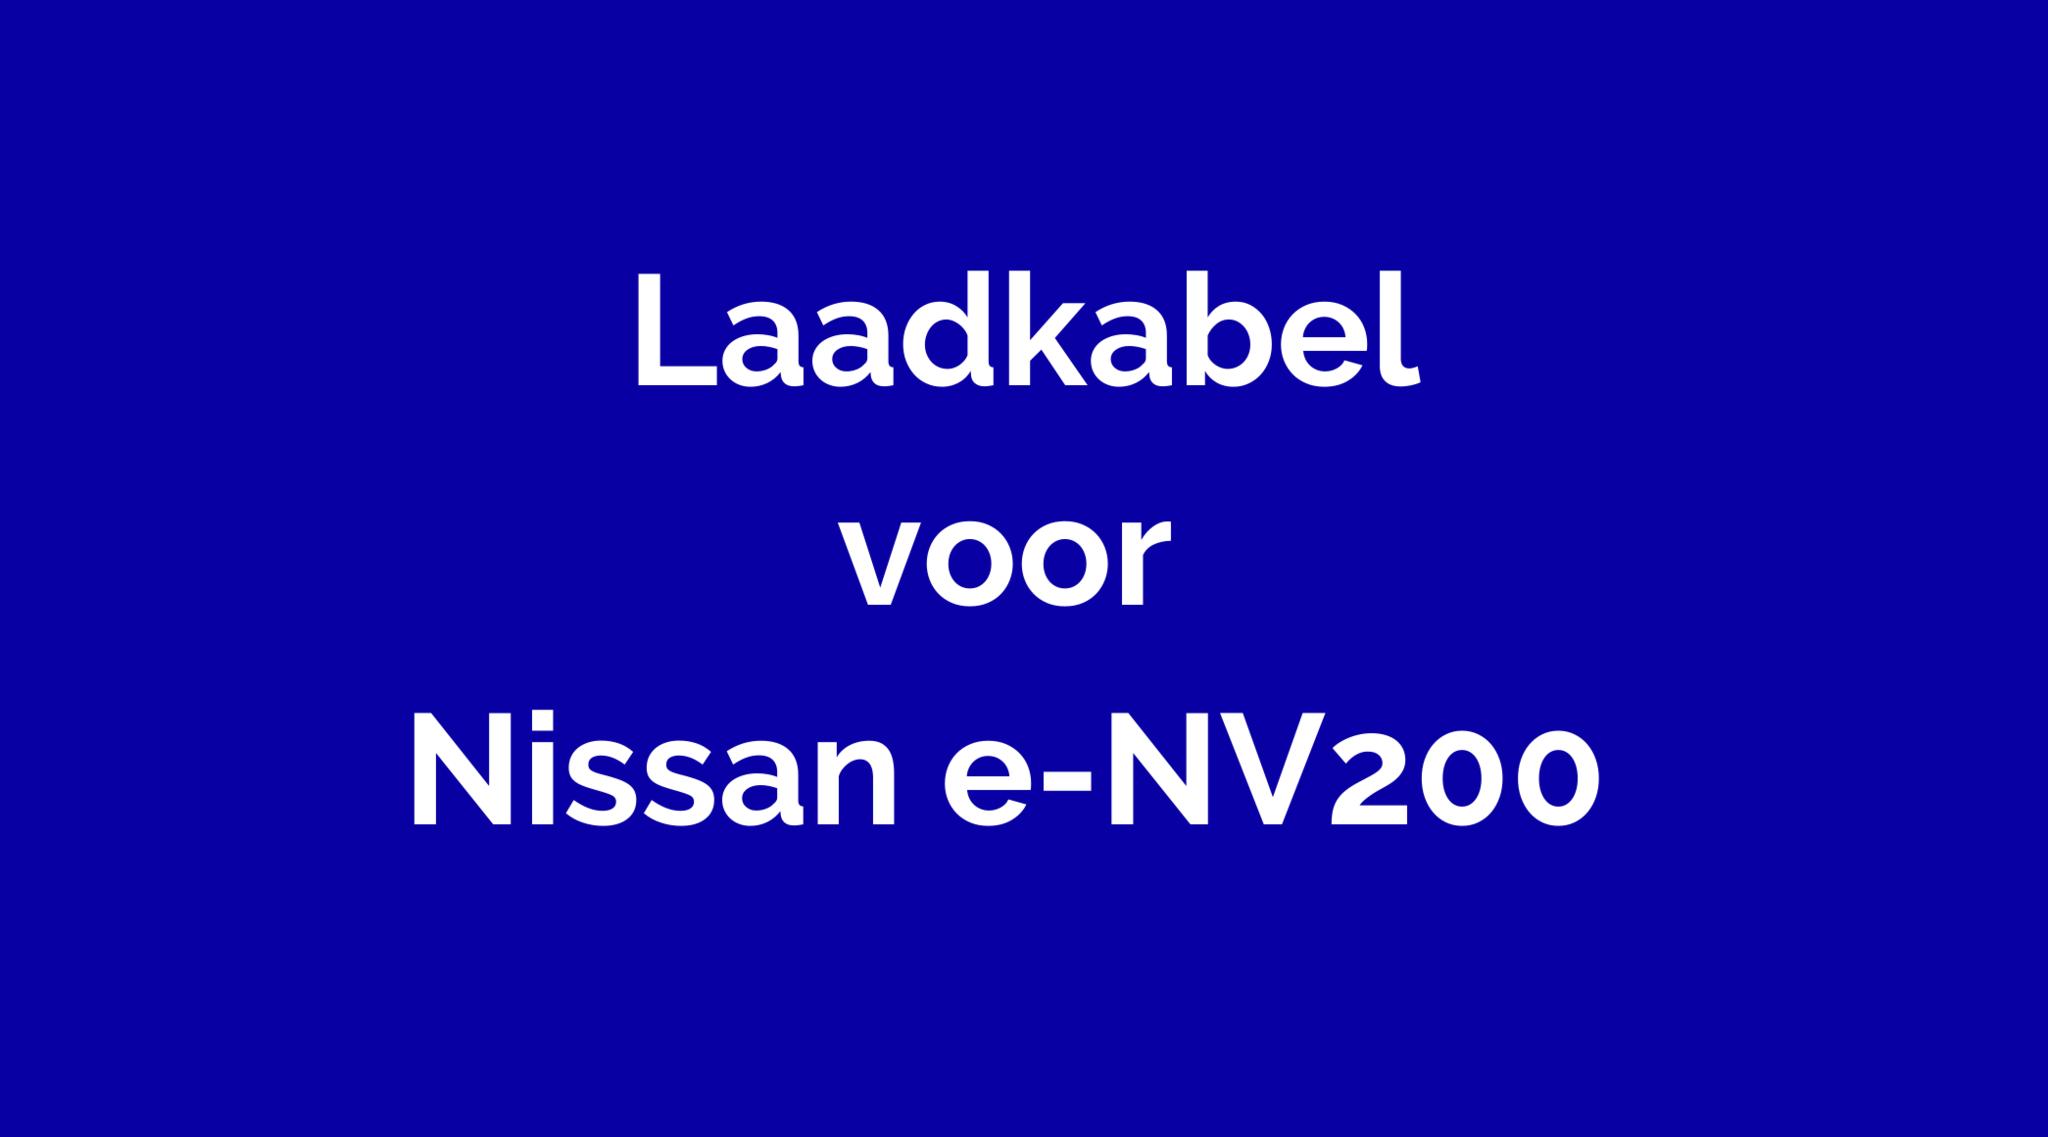 Laadkabel voor Nissan e-NV200